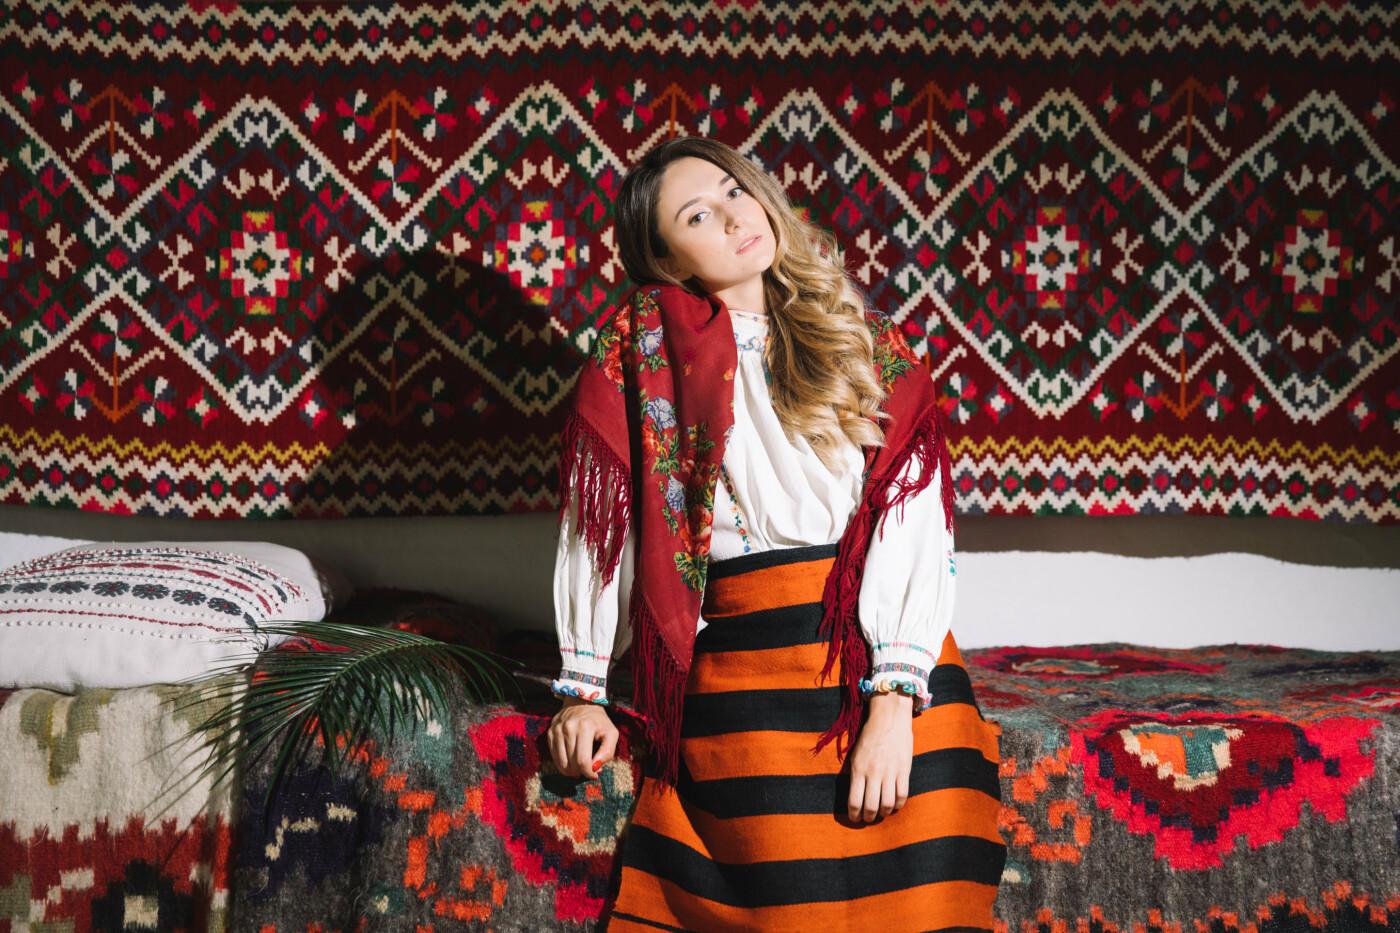 Історичне вбрання жінок Закарпаття презентували в сучасних образах (ФОТО, ВІДЕО), фото-13